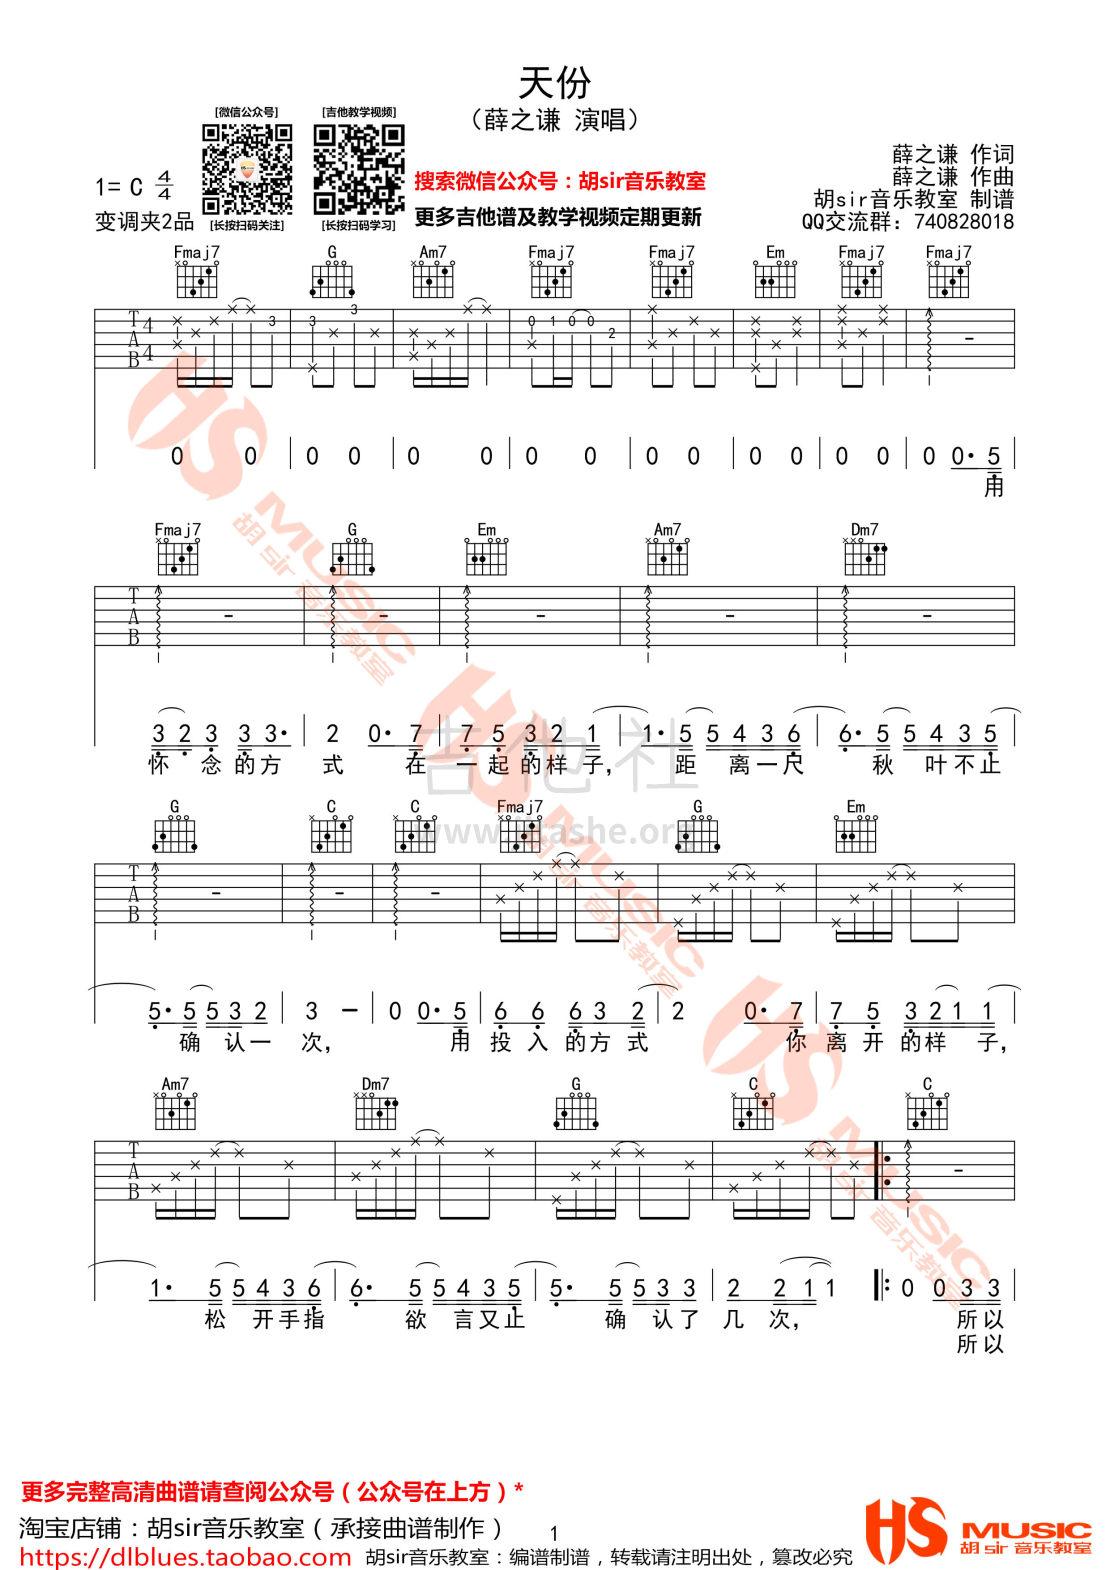 天份吉他谱(图片谱,弹唱,C调,胡sir音乐教室)_薛之谦_《天份》薛之谦 C调【胡sir音乐教室】